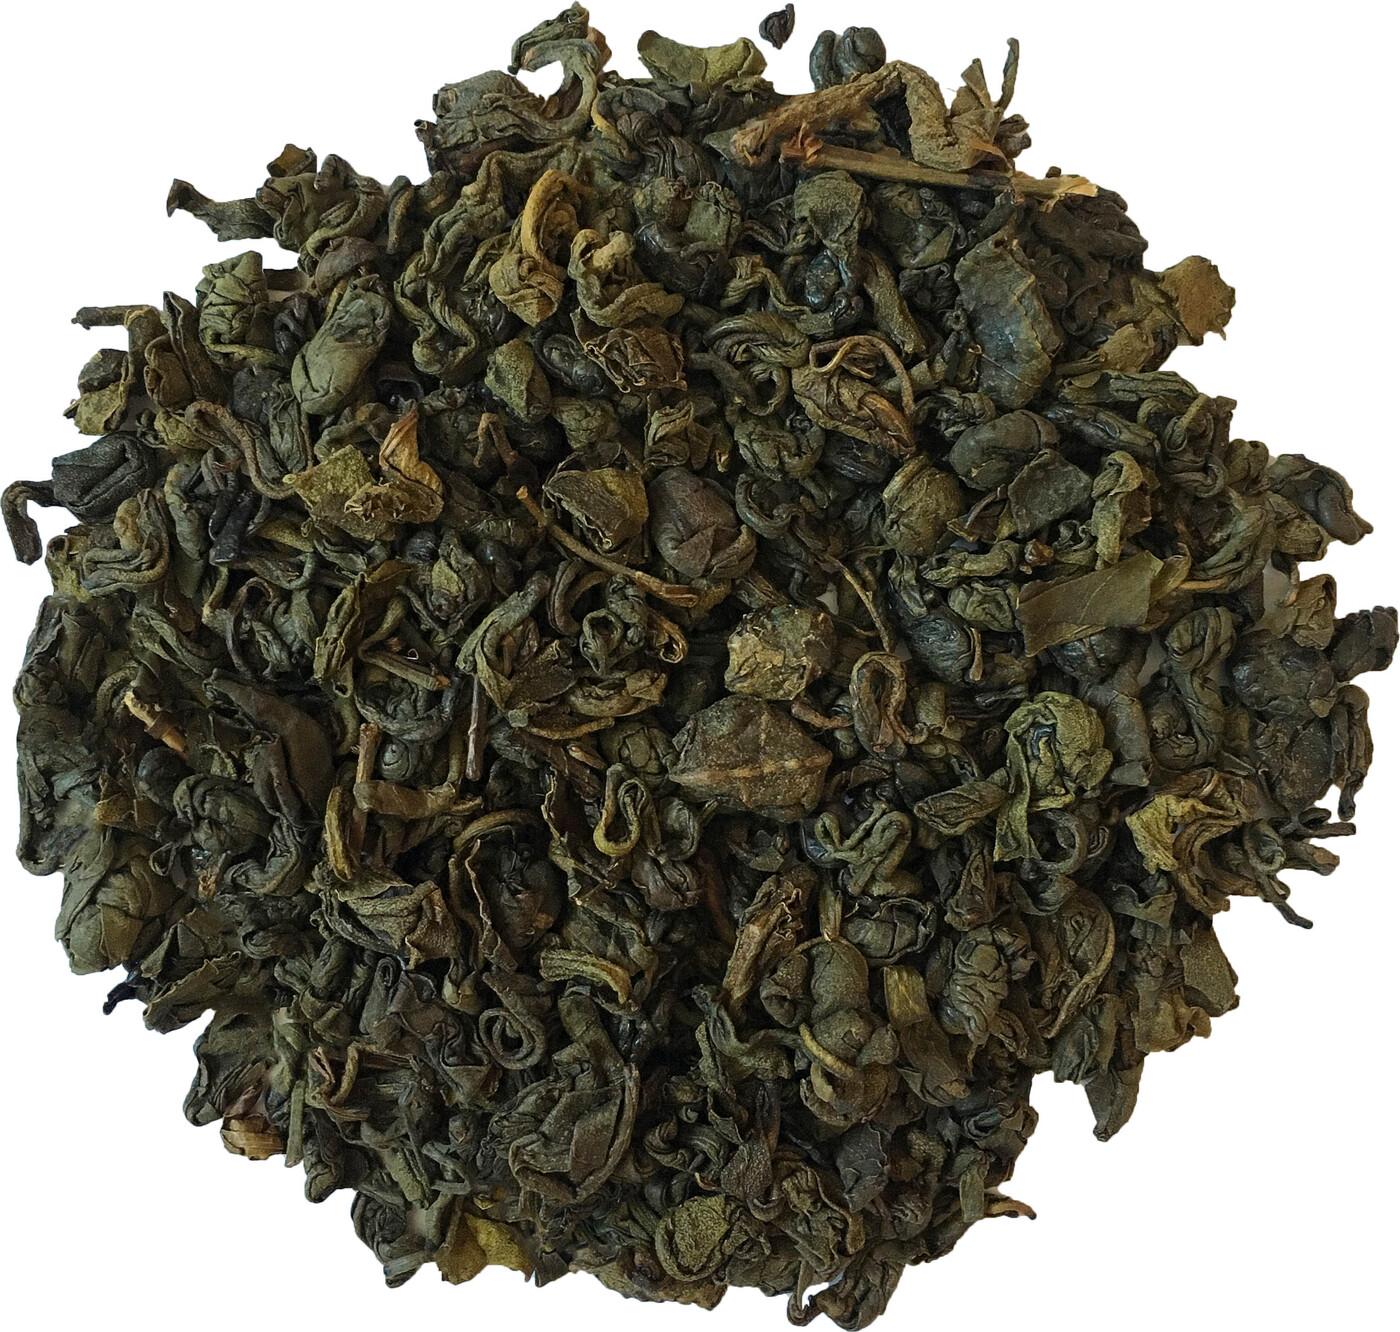 Байховый чай: виды, приготовление  